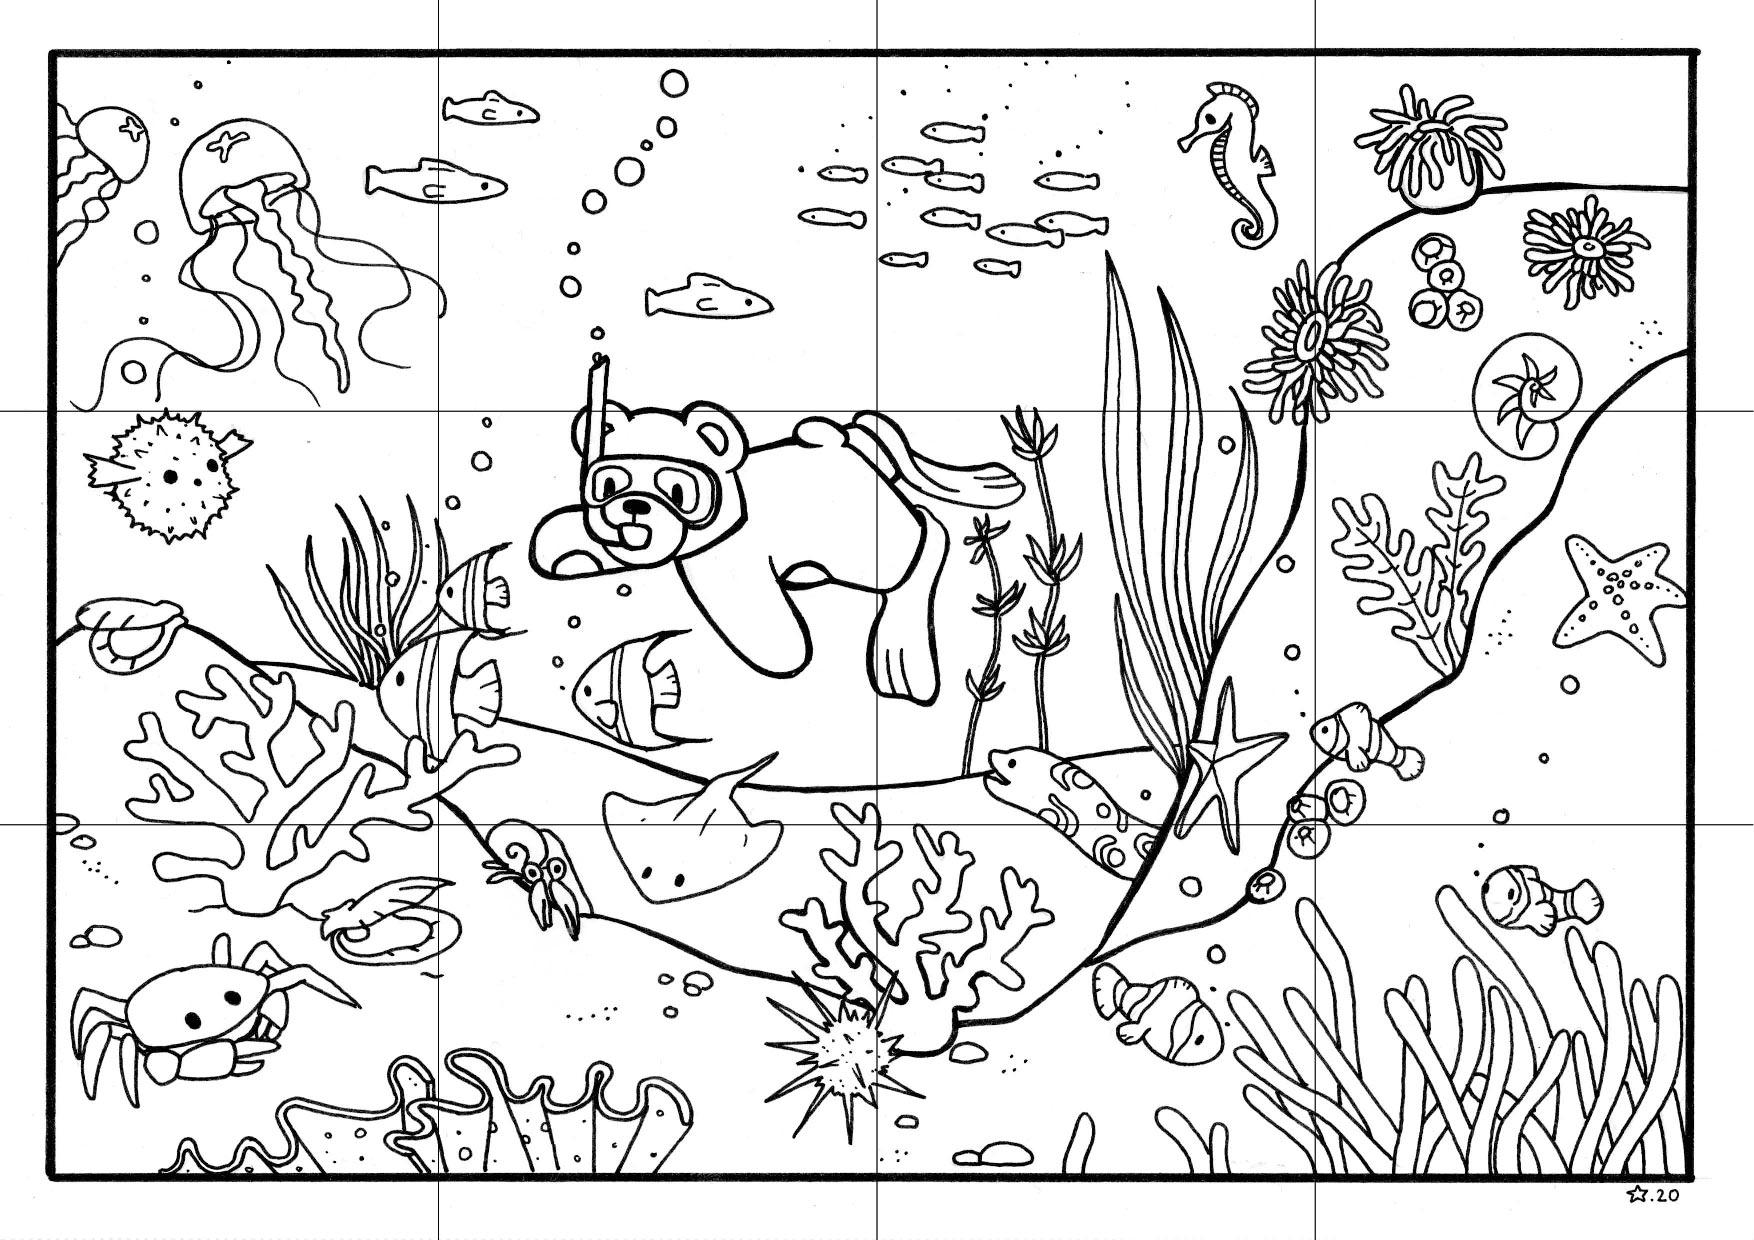 Illustration : coloriage de petit nours qui faire d ela plongée ; decoupé en puzzle